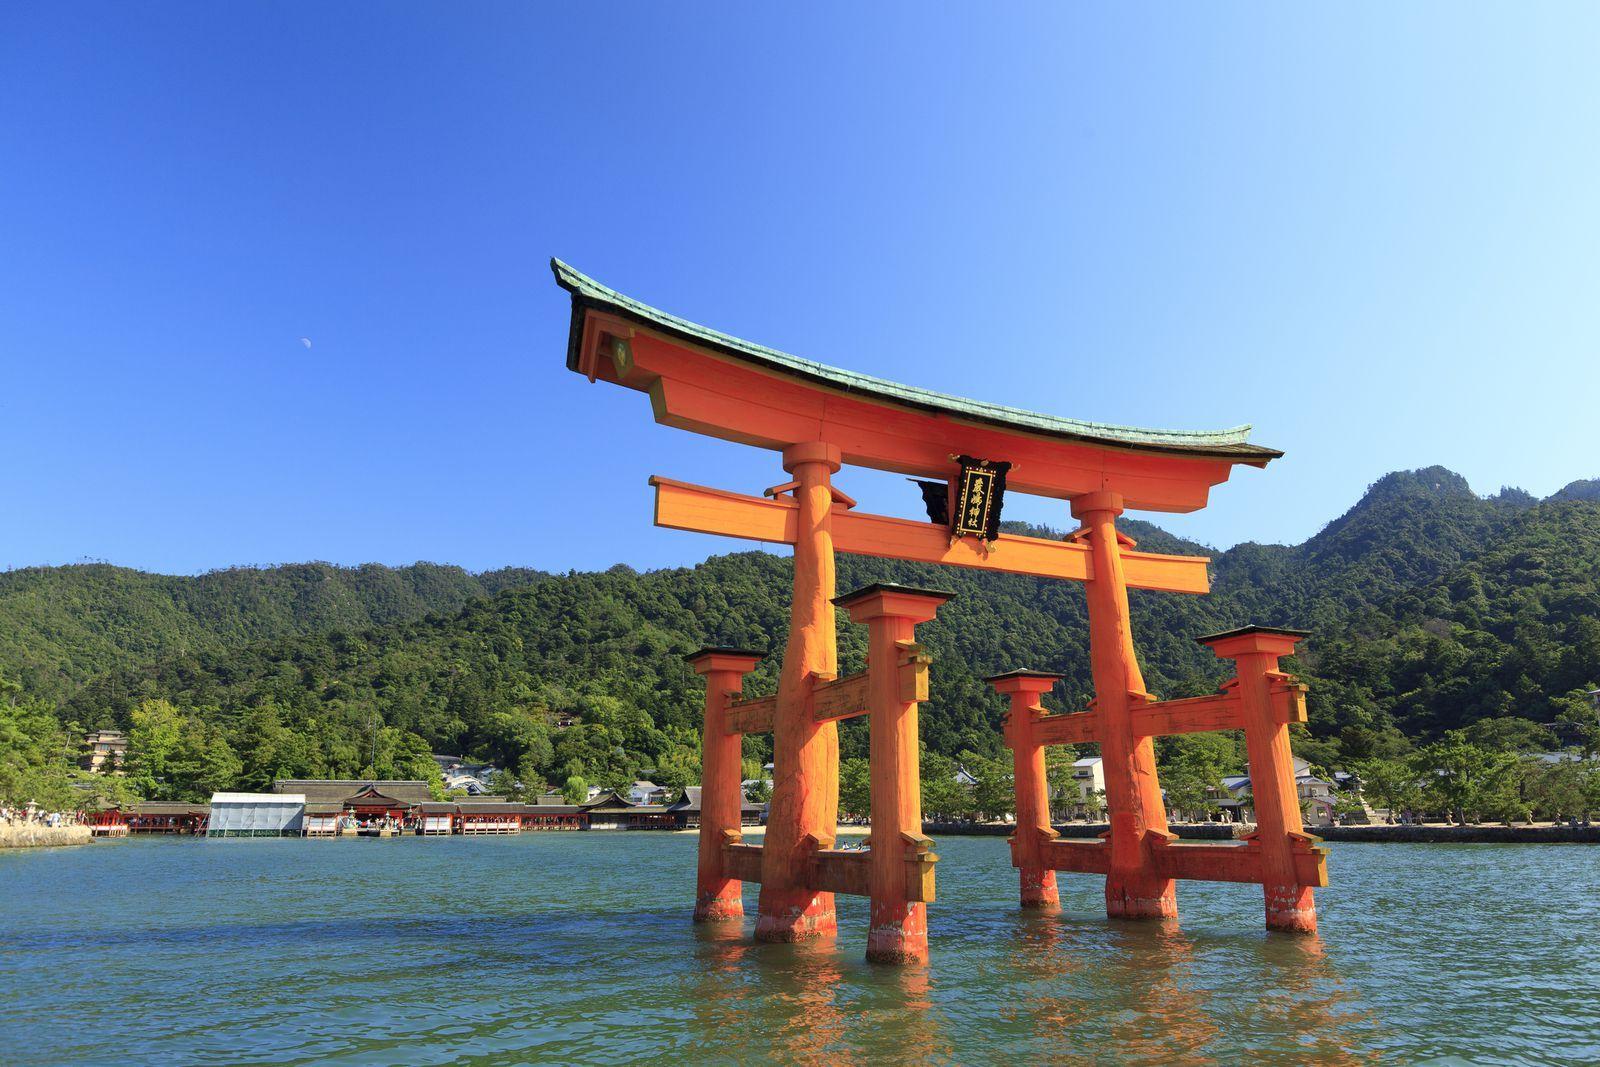 日本三景 の一つでもある広島の名所 厳島神社 年間300万人以上の